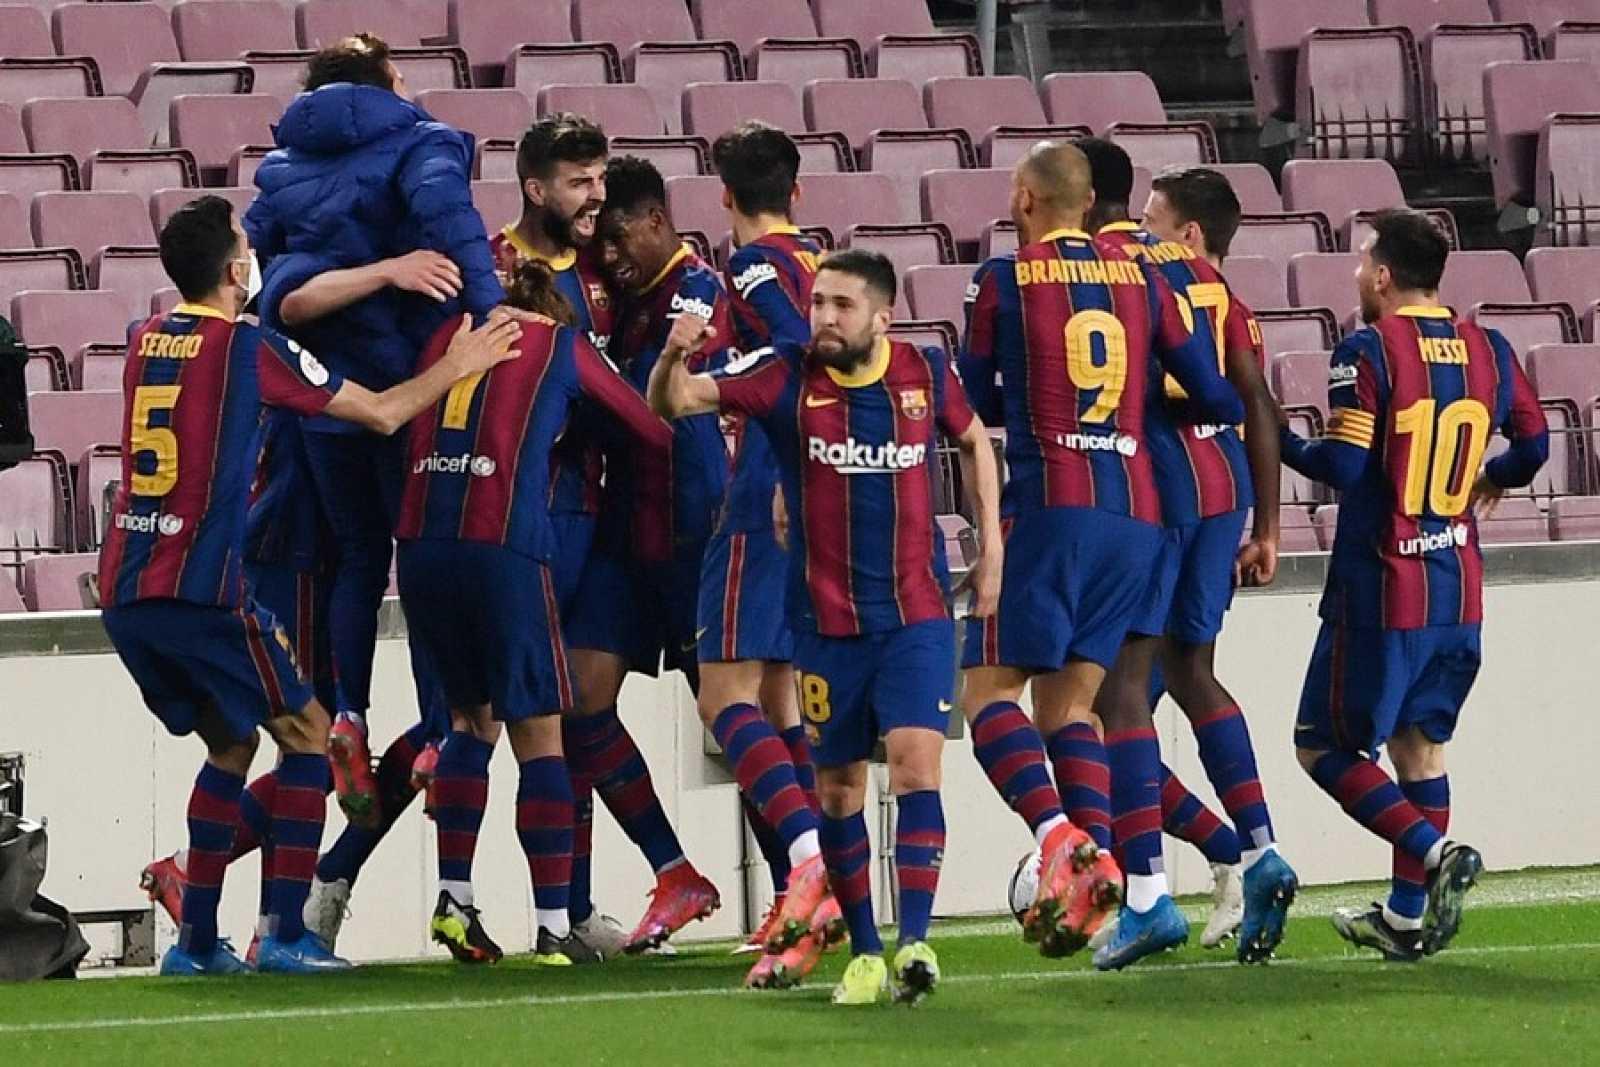 Tablero deportivo - El F.C. Barcelona remonta y se mete en la final de la Copa del Rey - Escuchar ahora